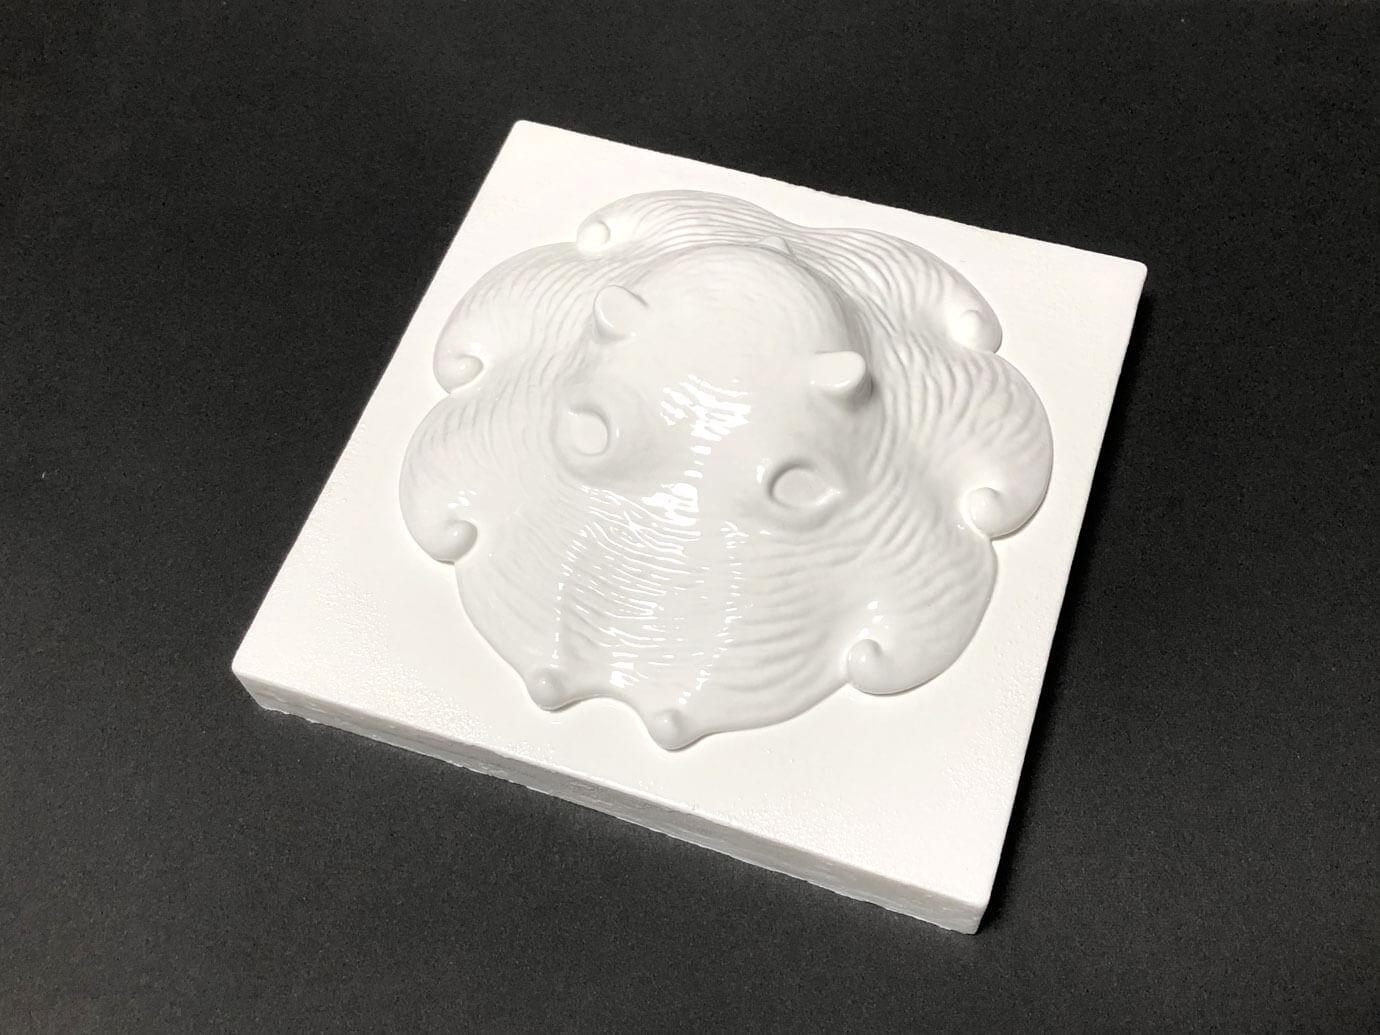 目をくり抜いたカップメンダコの3D原型